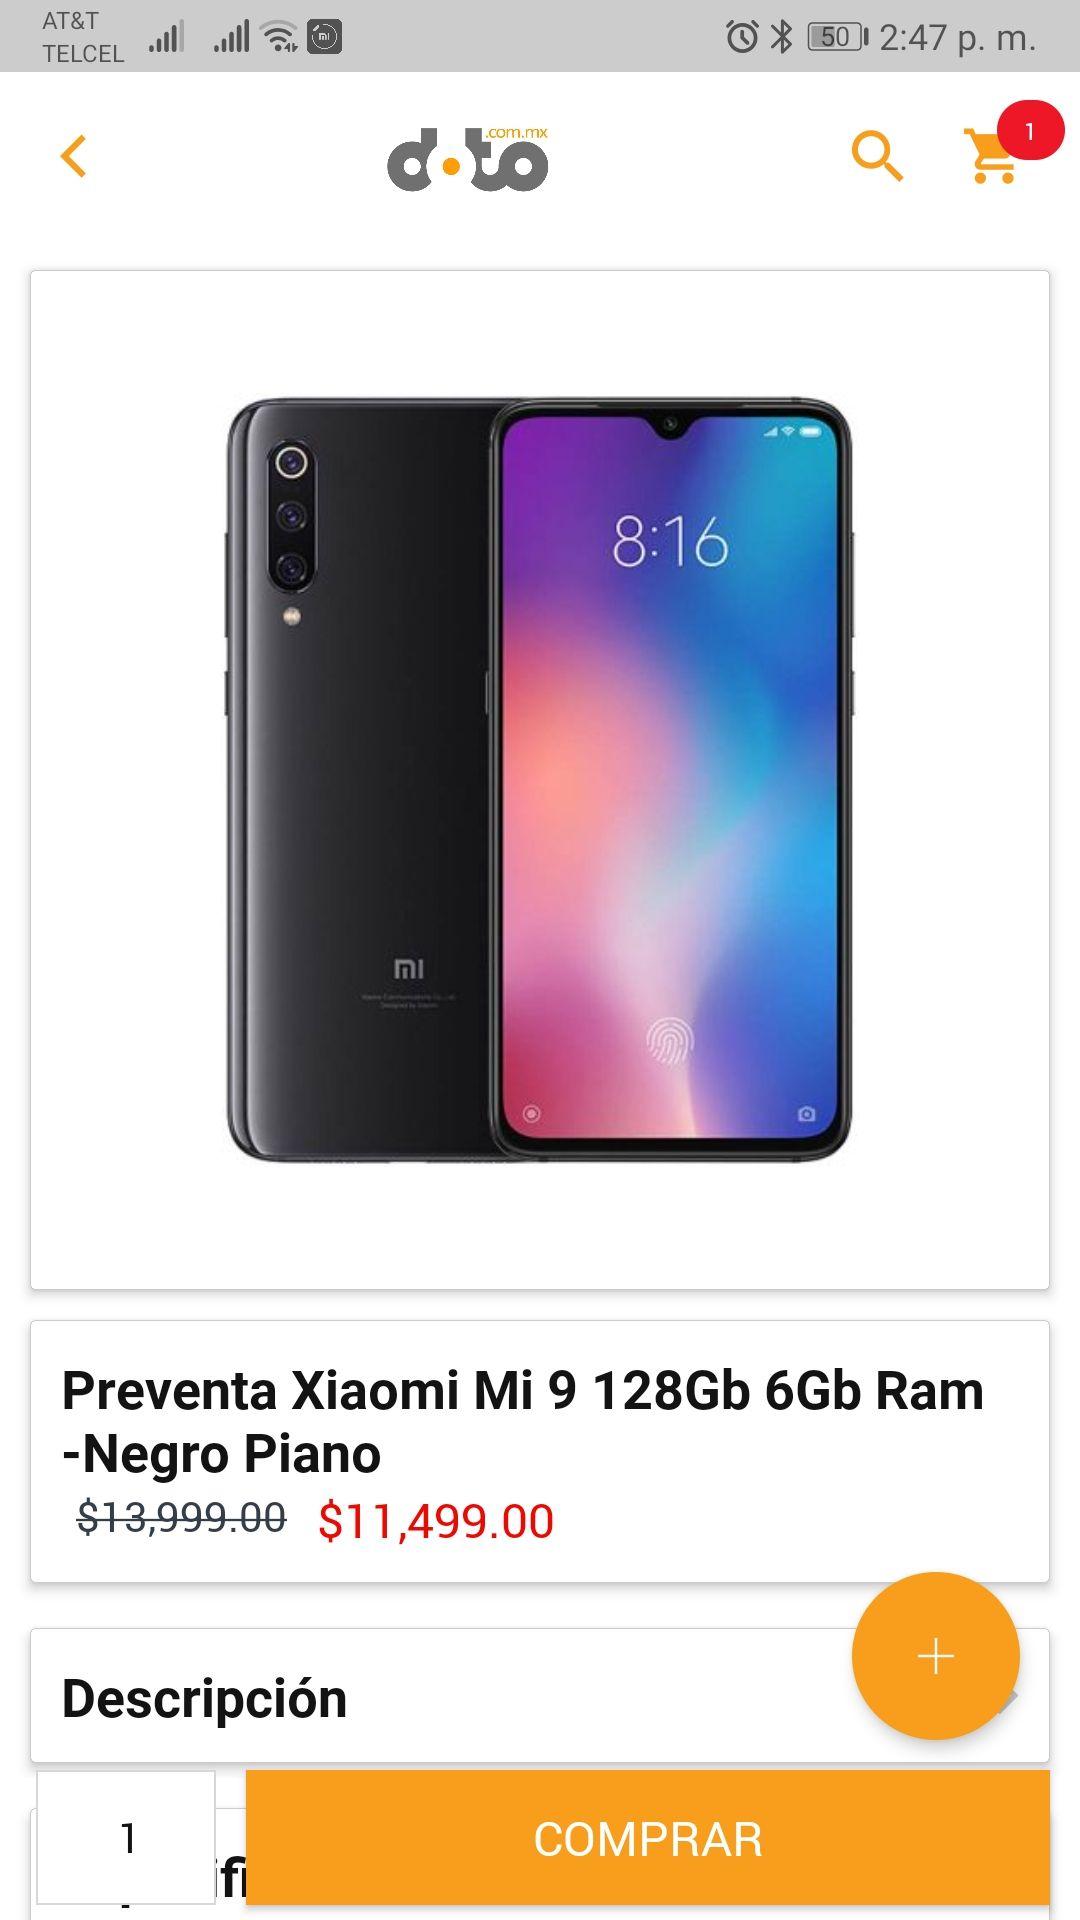 doto Xiaomi mi 9 de 128 GB en preventa en doto